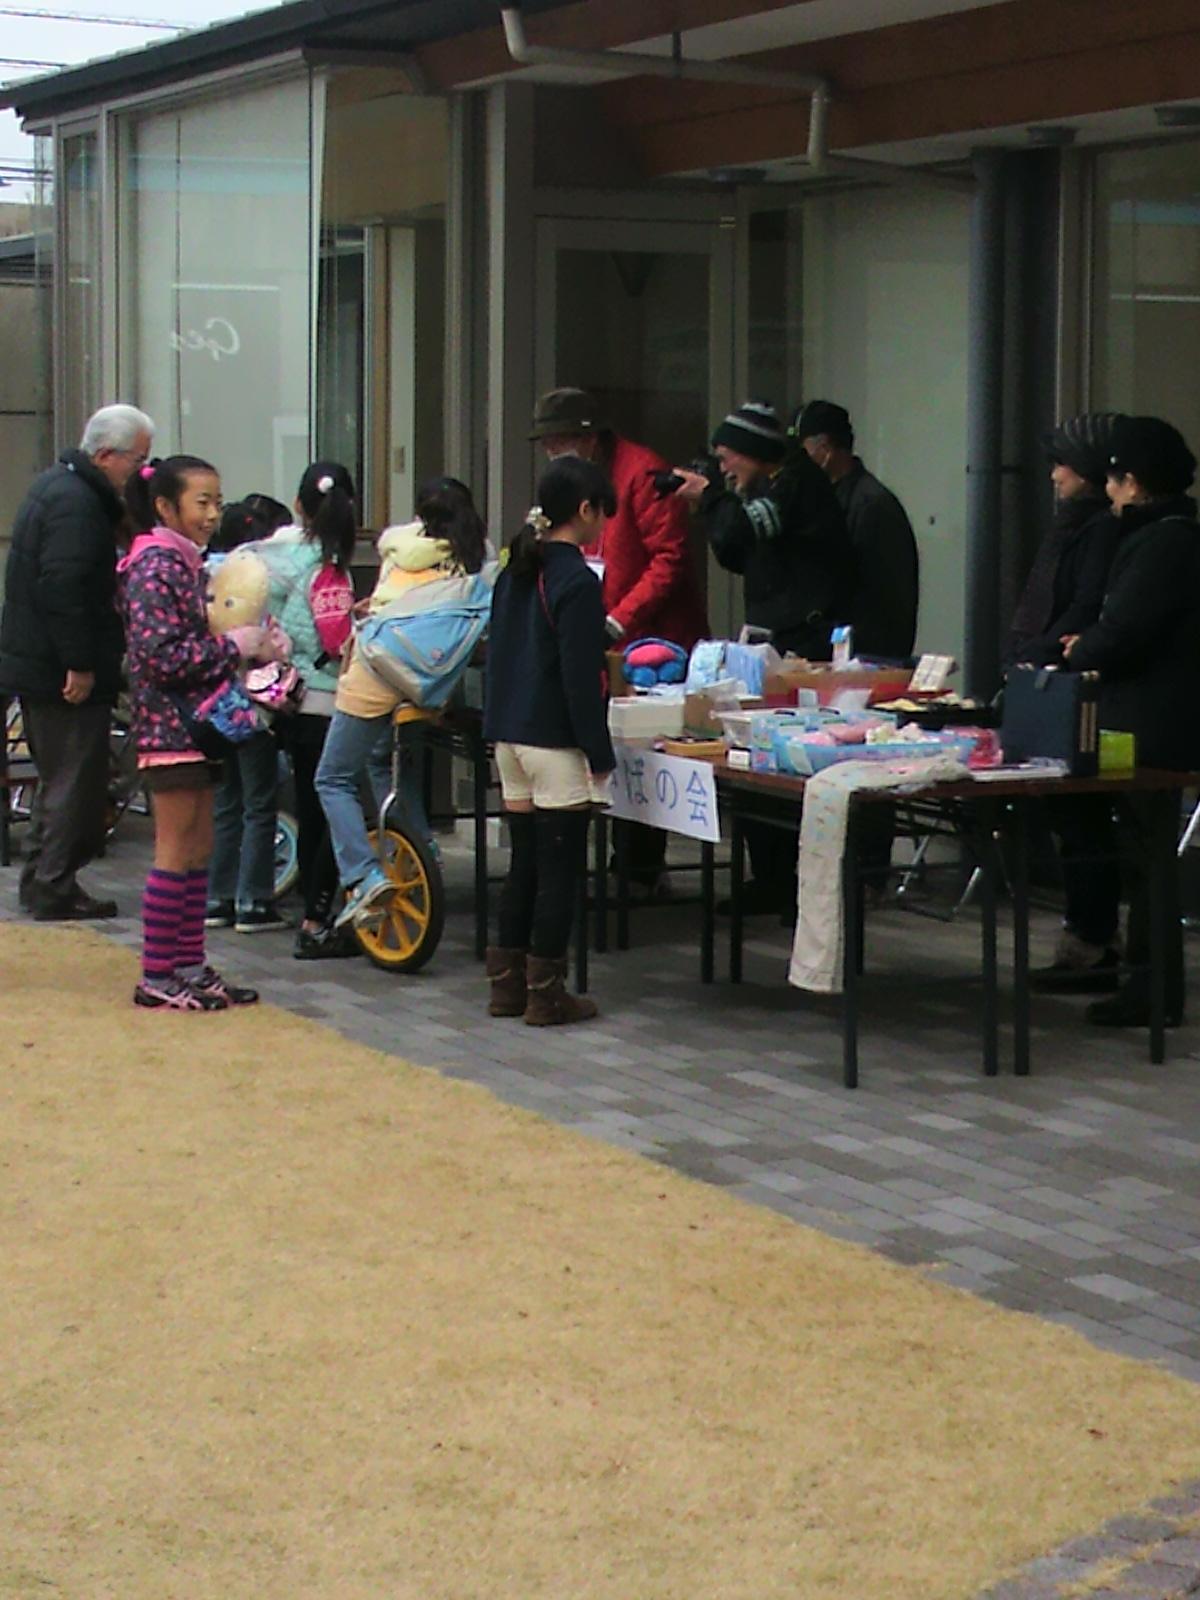 お祭りで年配の方々のバザーに集まる子供と年配の方々の笑顔